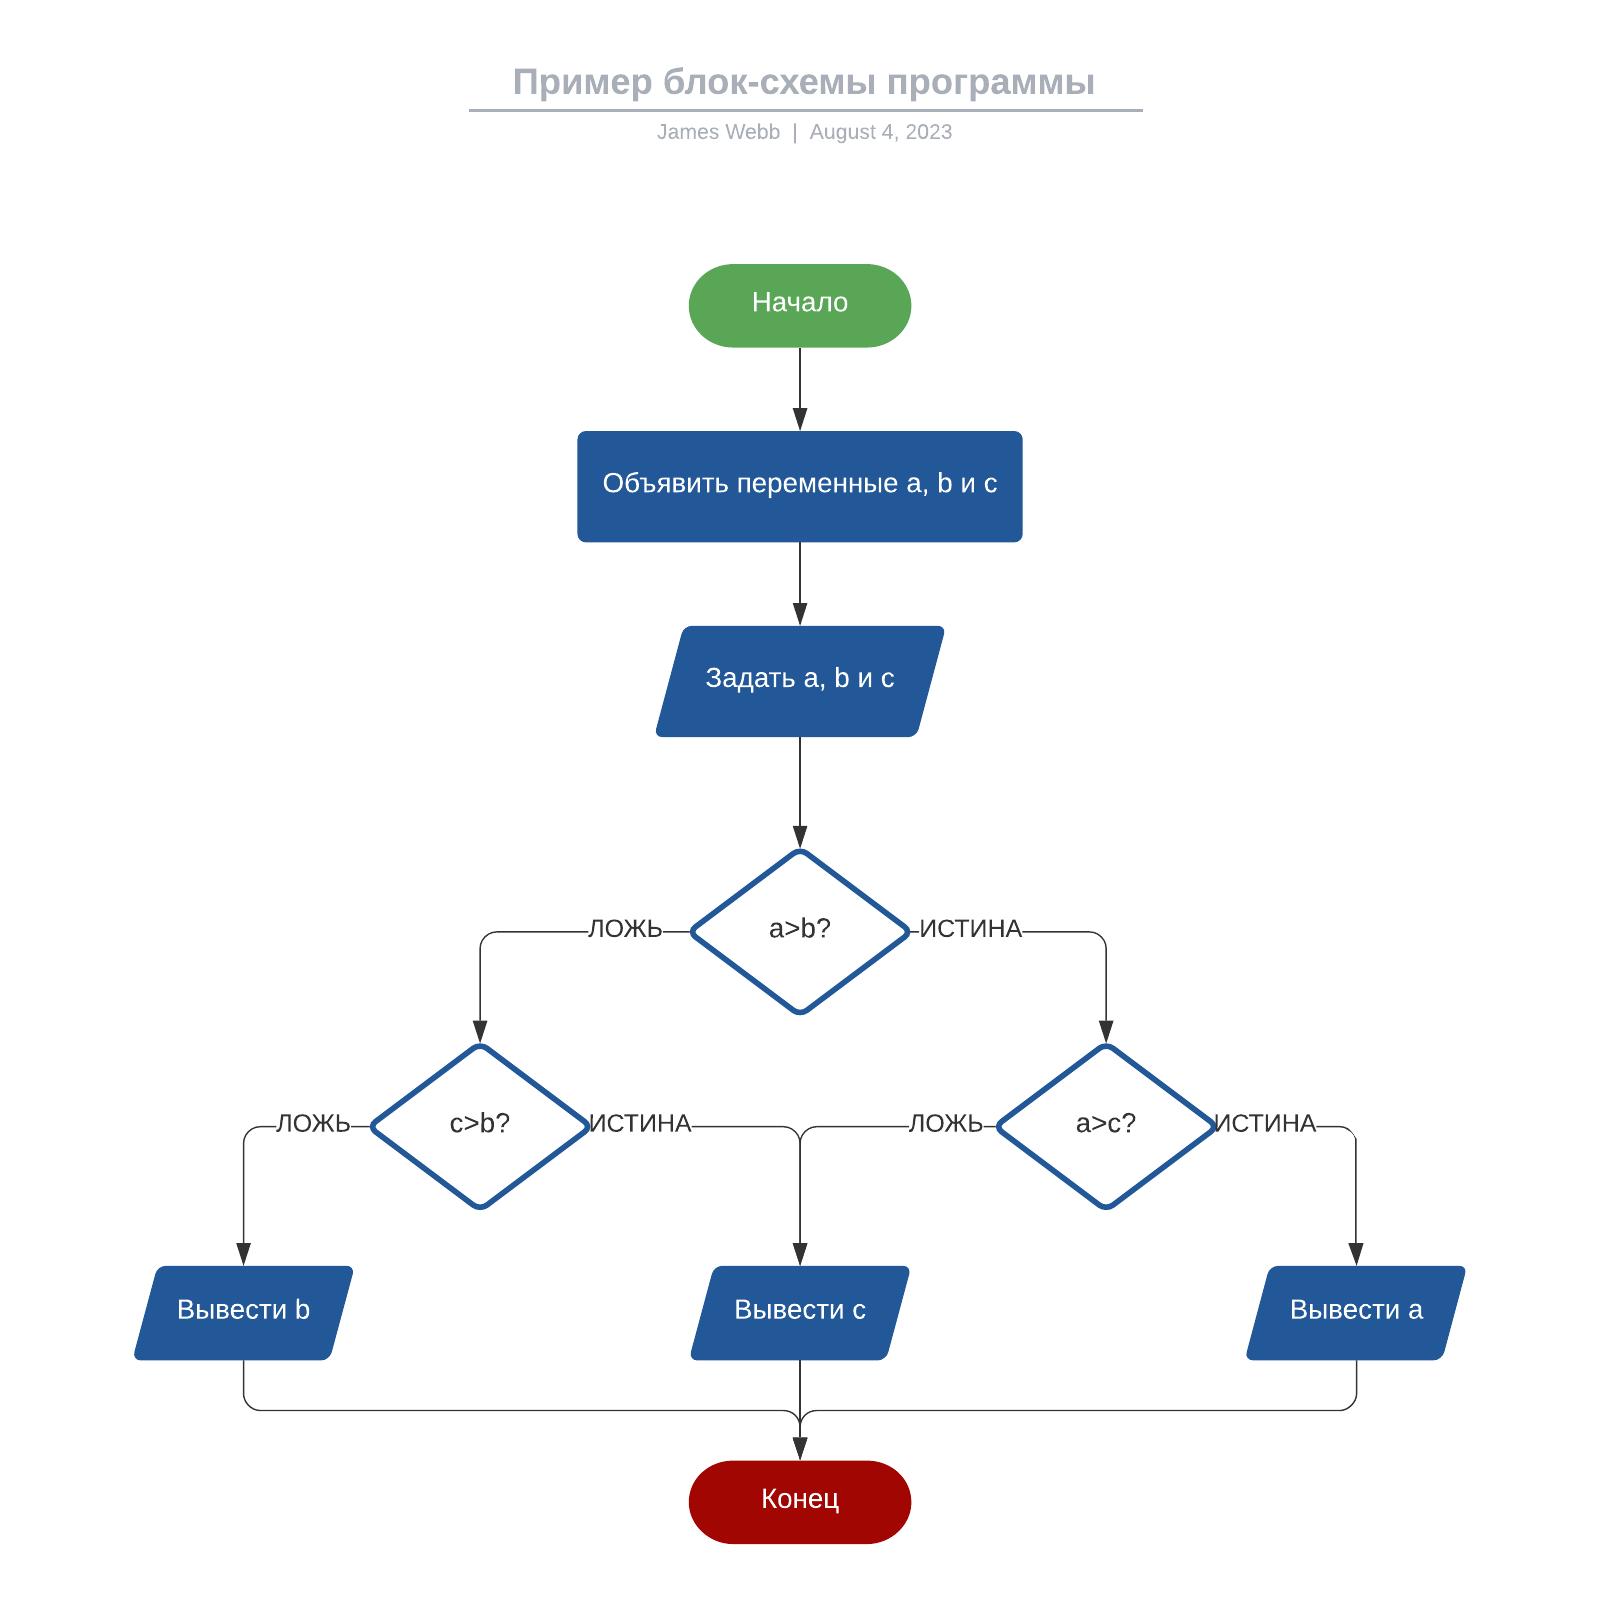 Пример блок-схемы программы